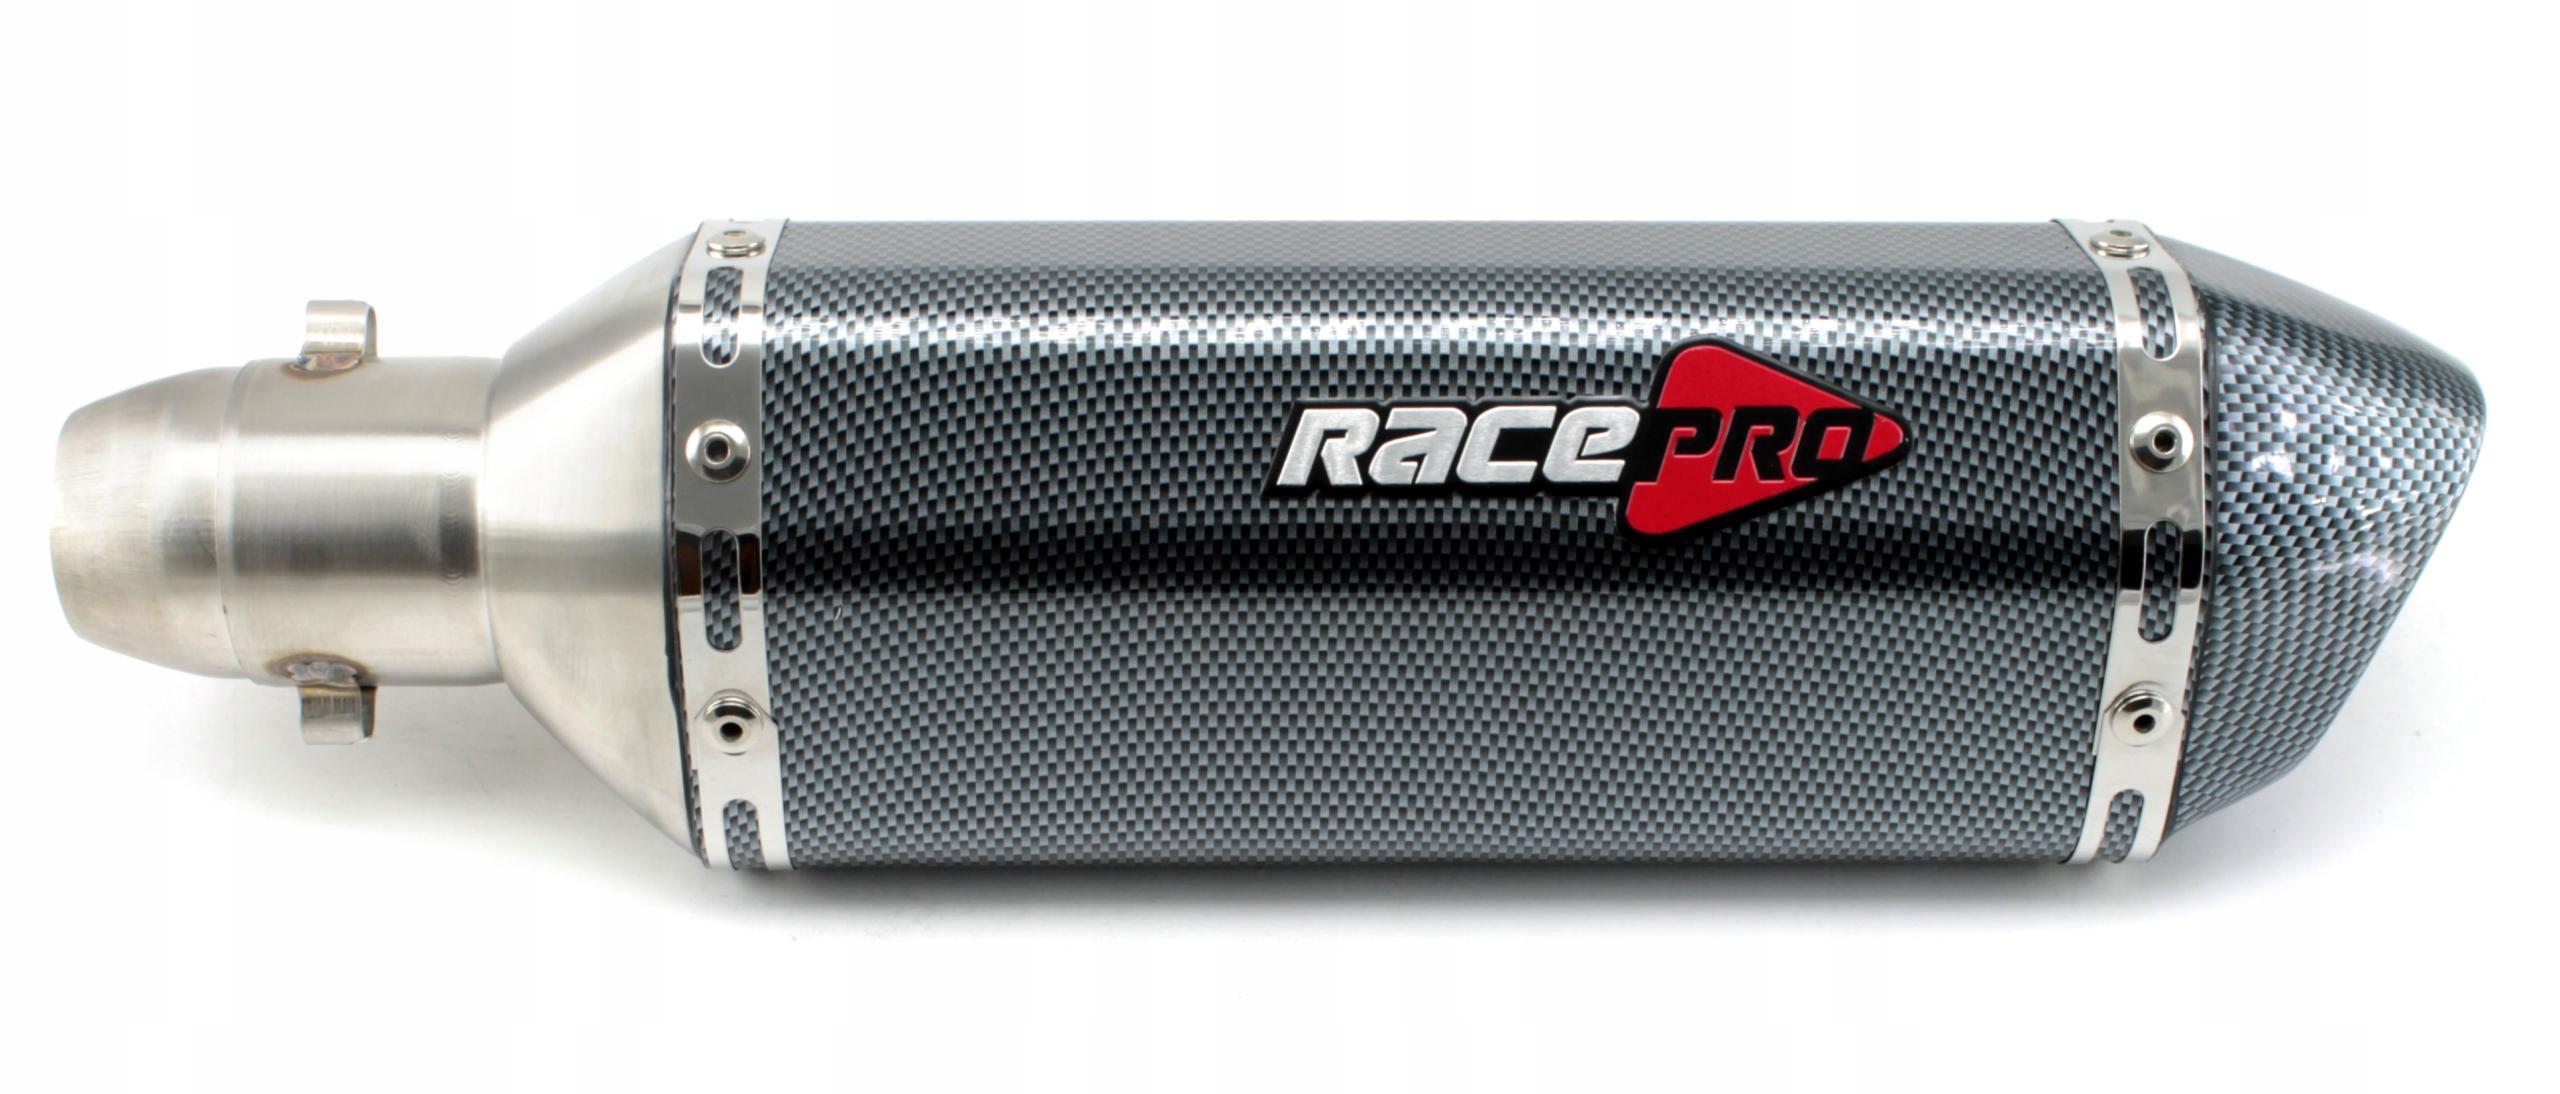 Спортивный выхлопной универсальный глушитель RacePRO carbon